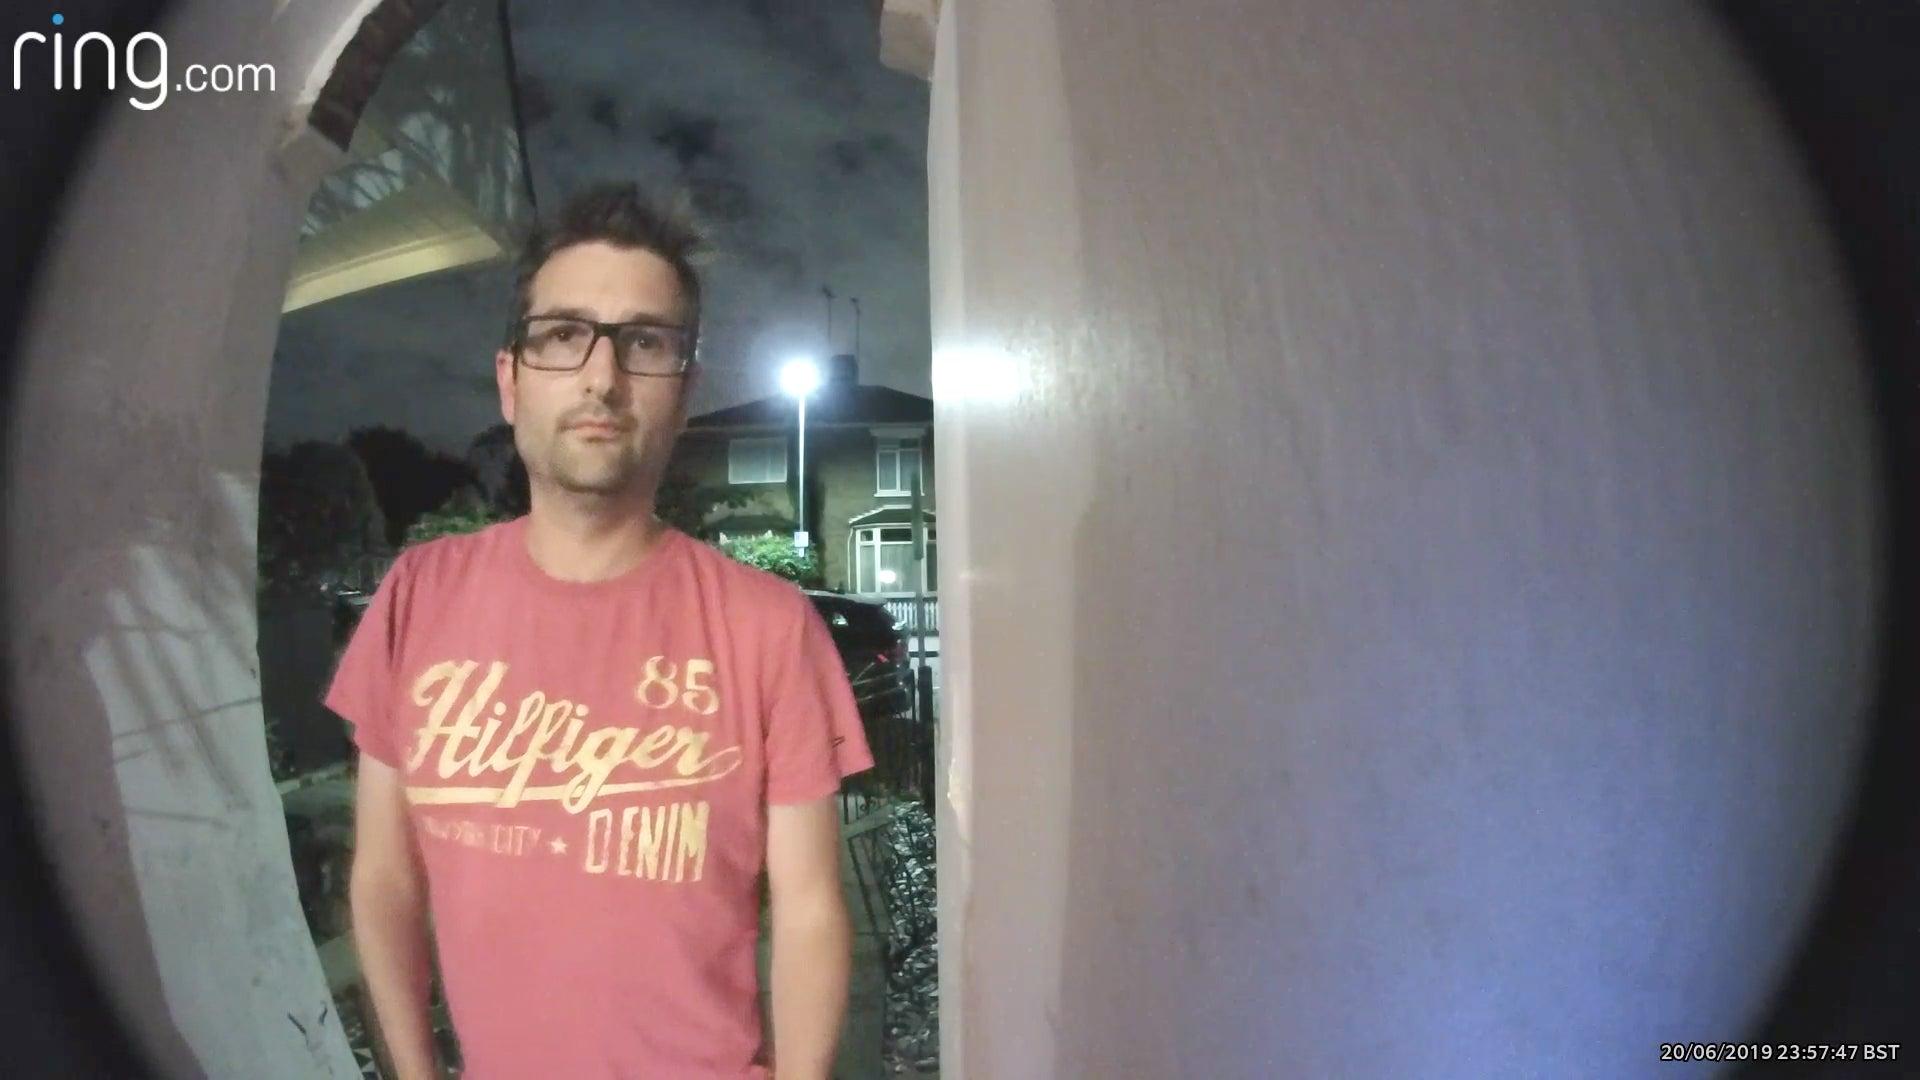 Ring Video Doorbell Pro nighttime sample